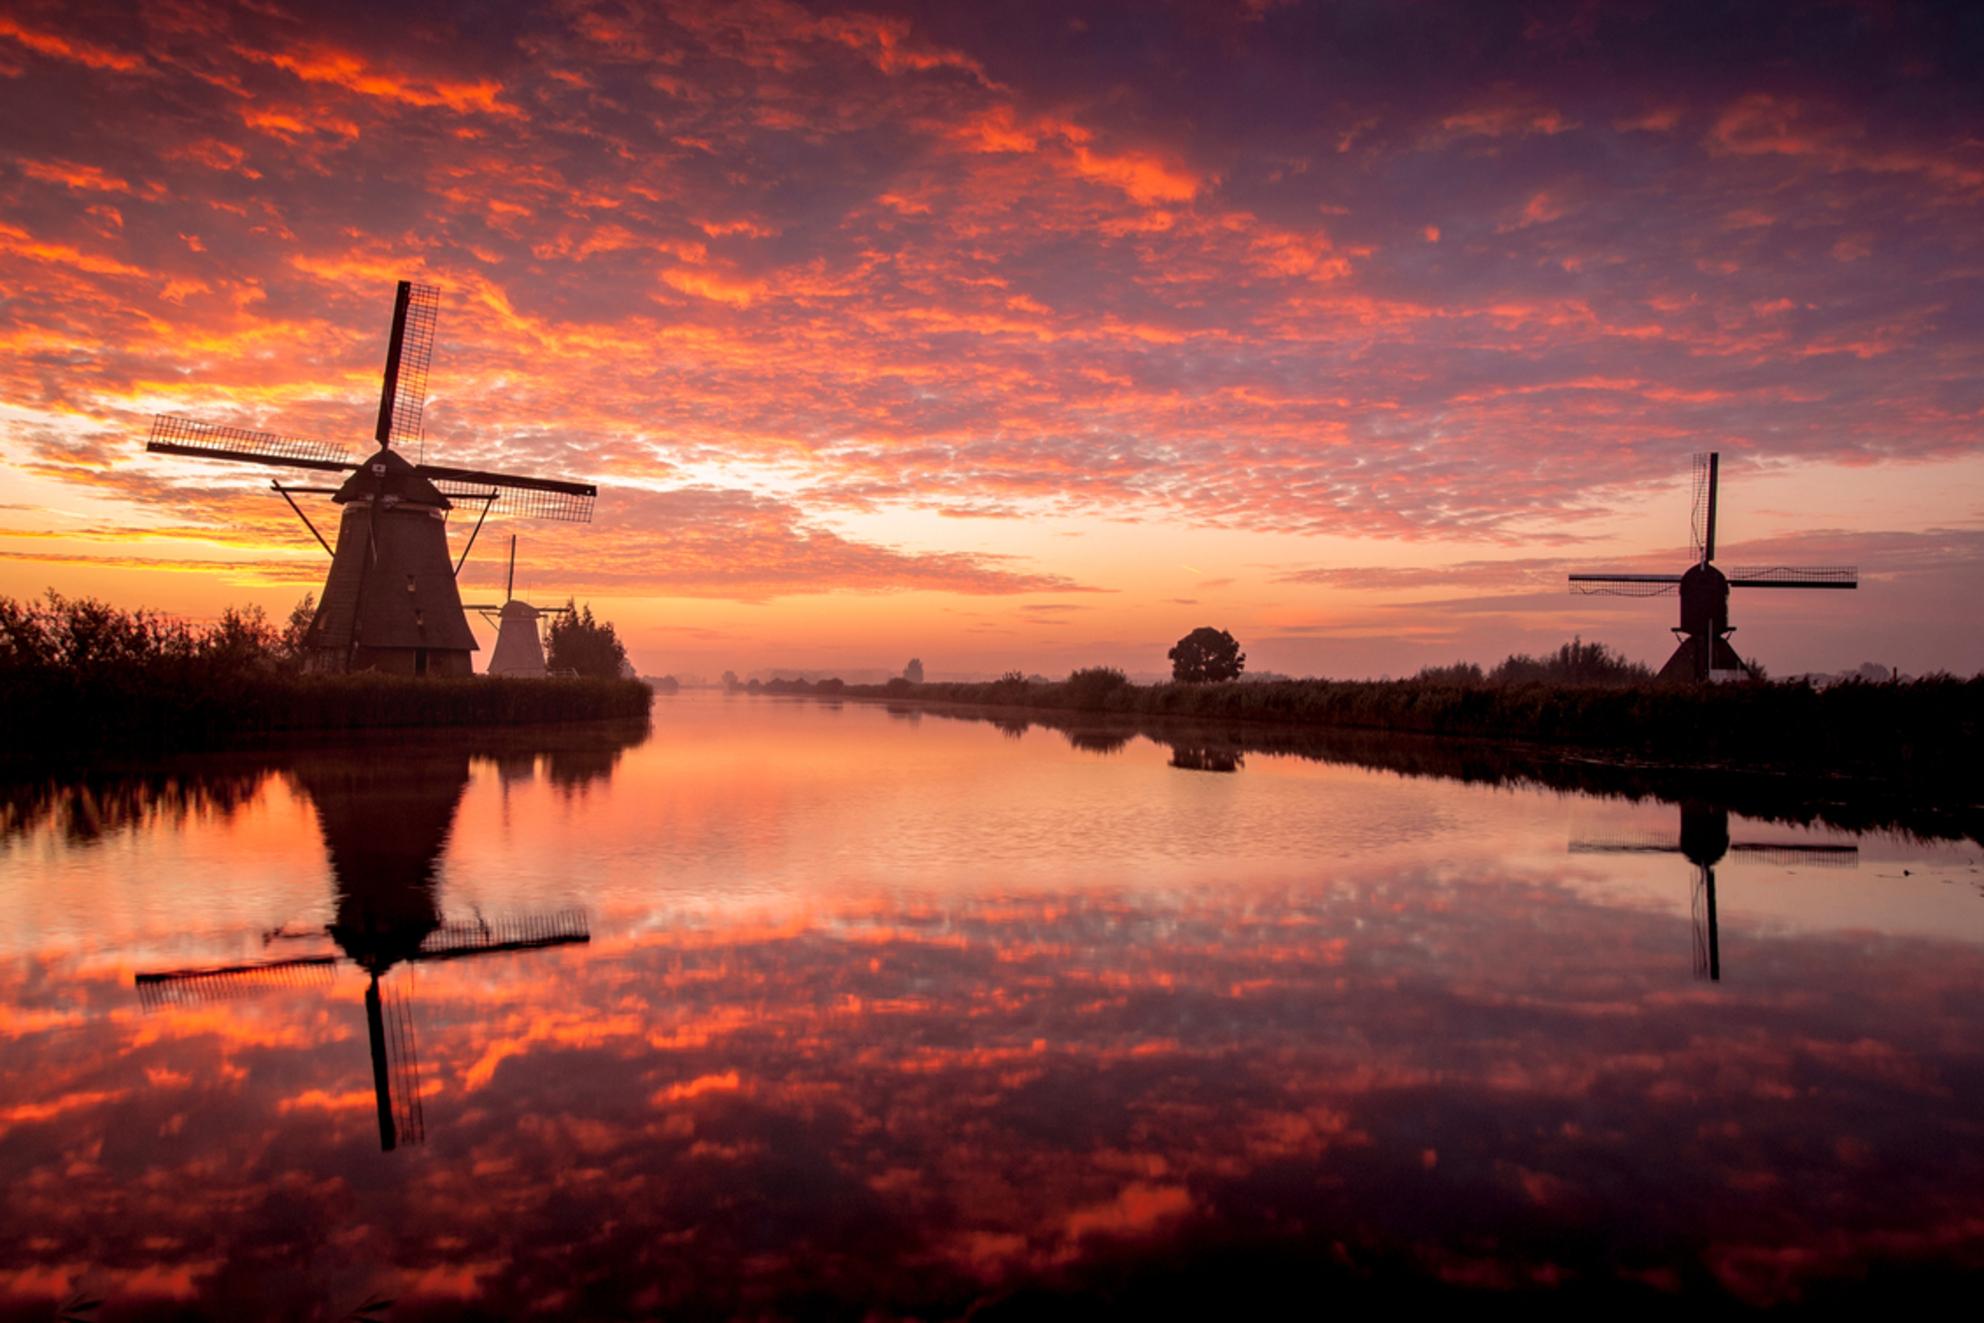 Kinderdijk ontwaakt.... - Kinderdijk ontwaakt.... - foto door HenkPijnappels op 12-04-2016 - deze foto bevat: lucht, wolken, zon, water, licht, spiegeling, landschap, mist, zonsopkomst, molen, lange sluitertijd - Deze foto mag gebruikt worden in een Zoom.nl publicatie